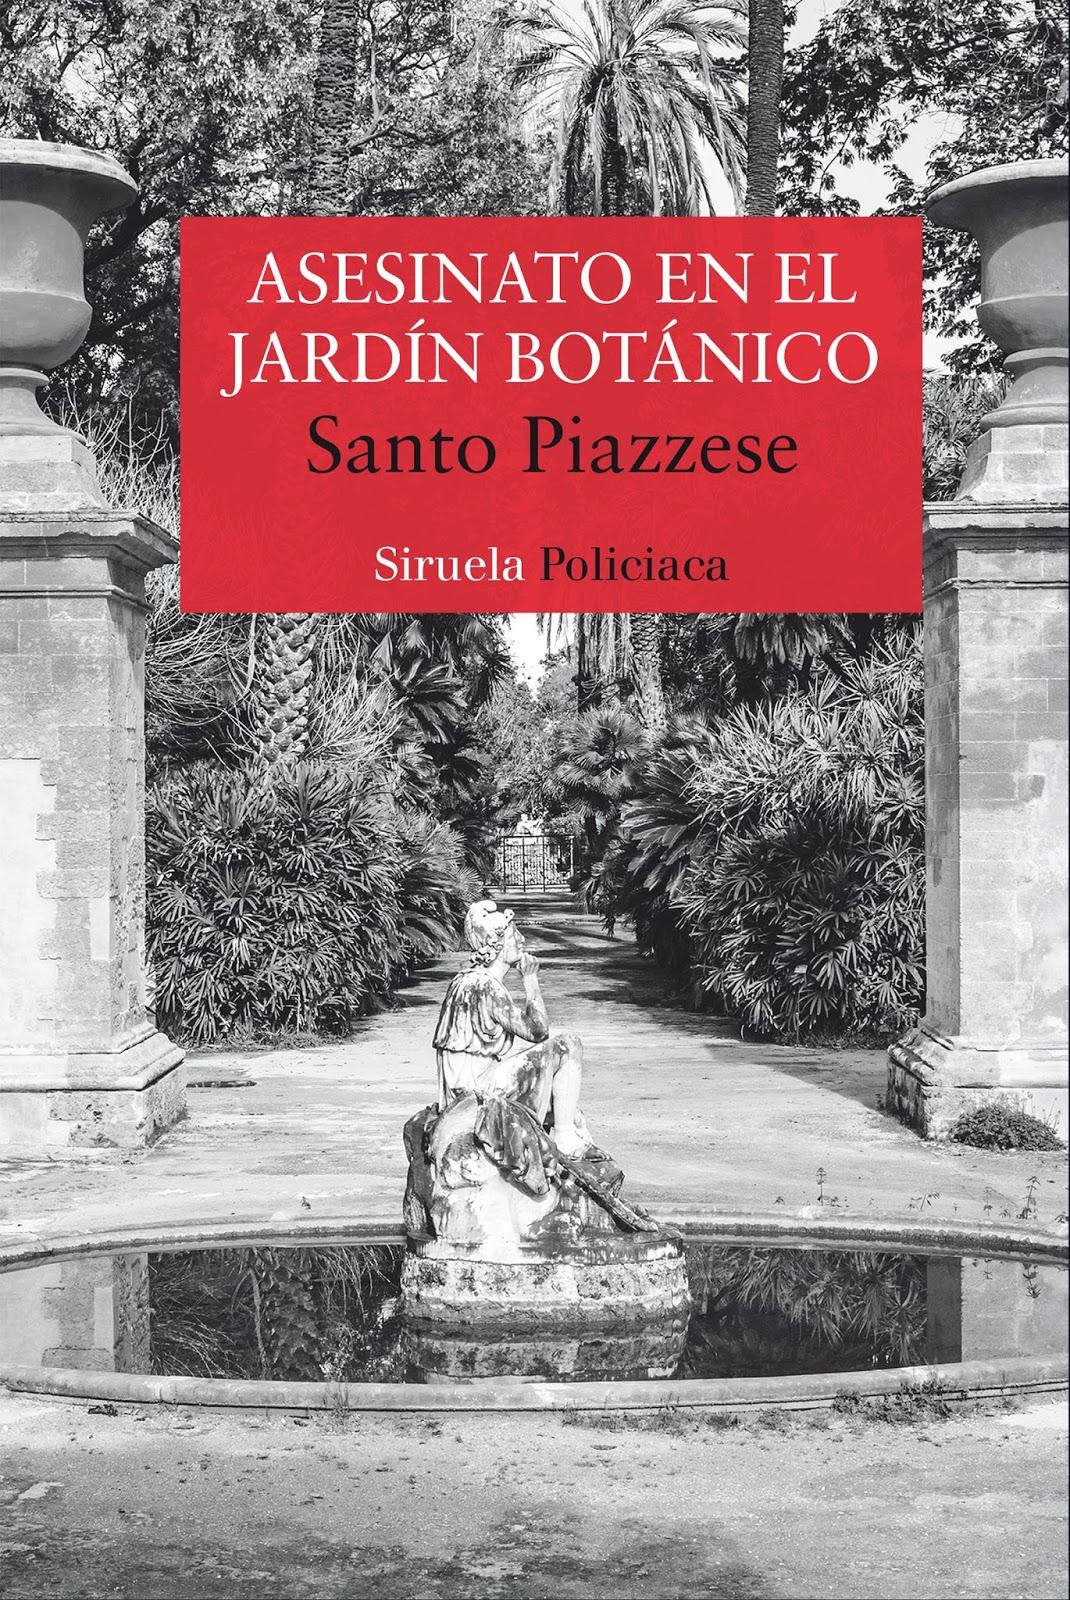 Asesinato en el jardín botánico (Trilogía de Palermo 01) - Santo Piazzese Botanico